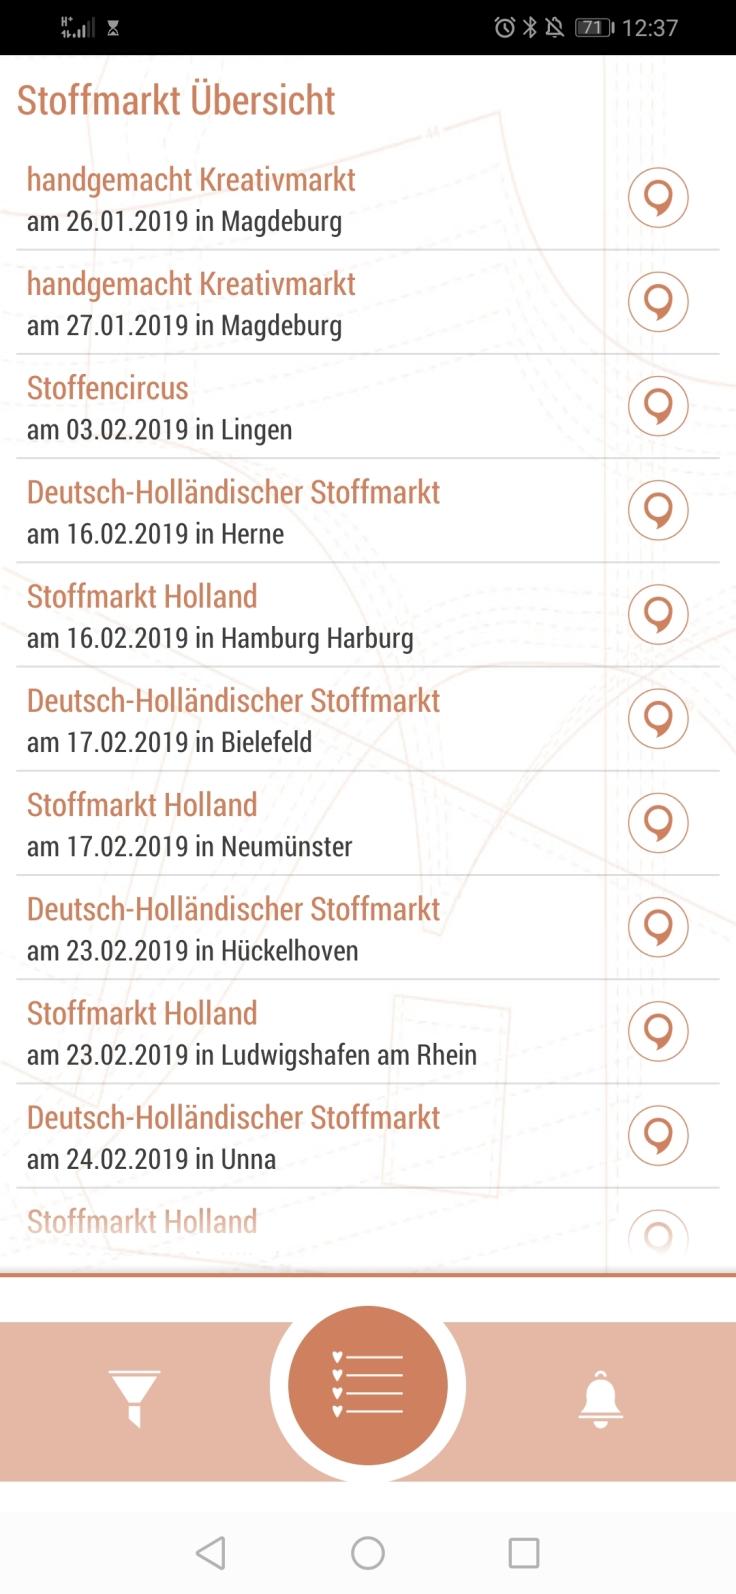 Screenshot_20190117_123753_de.naehichmir.naehichmir.jpg